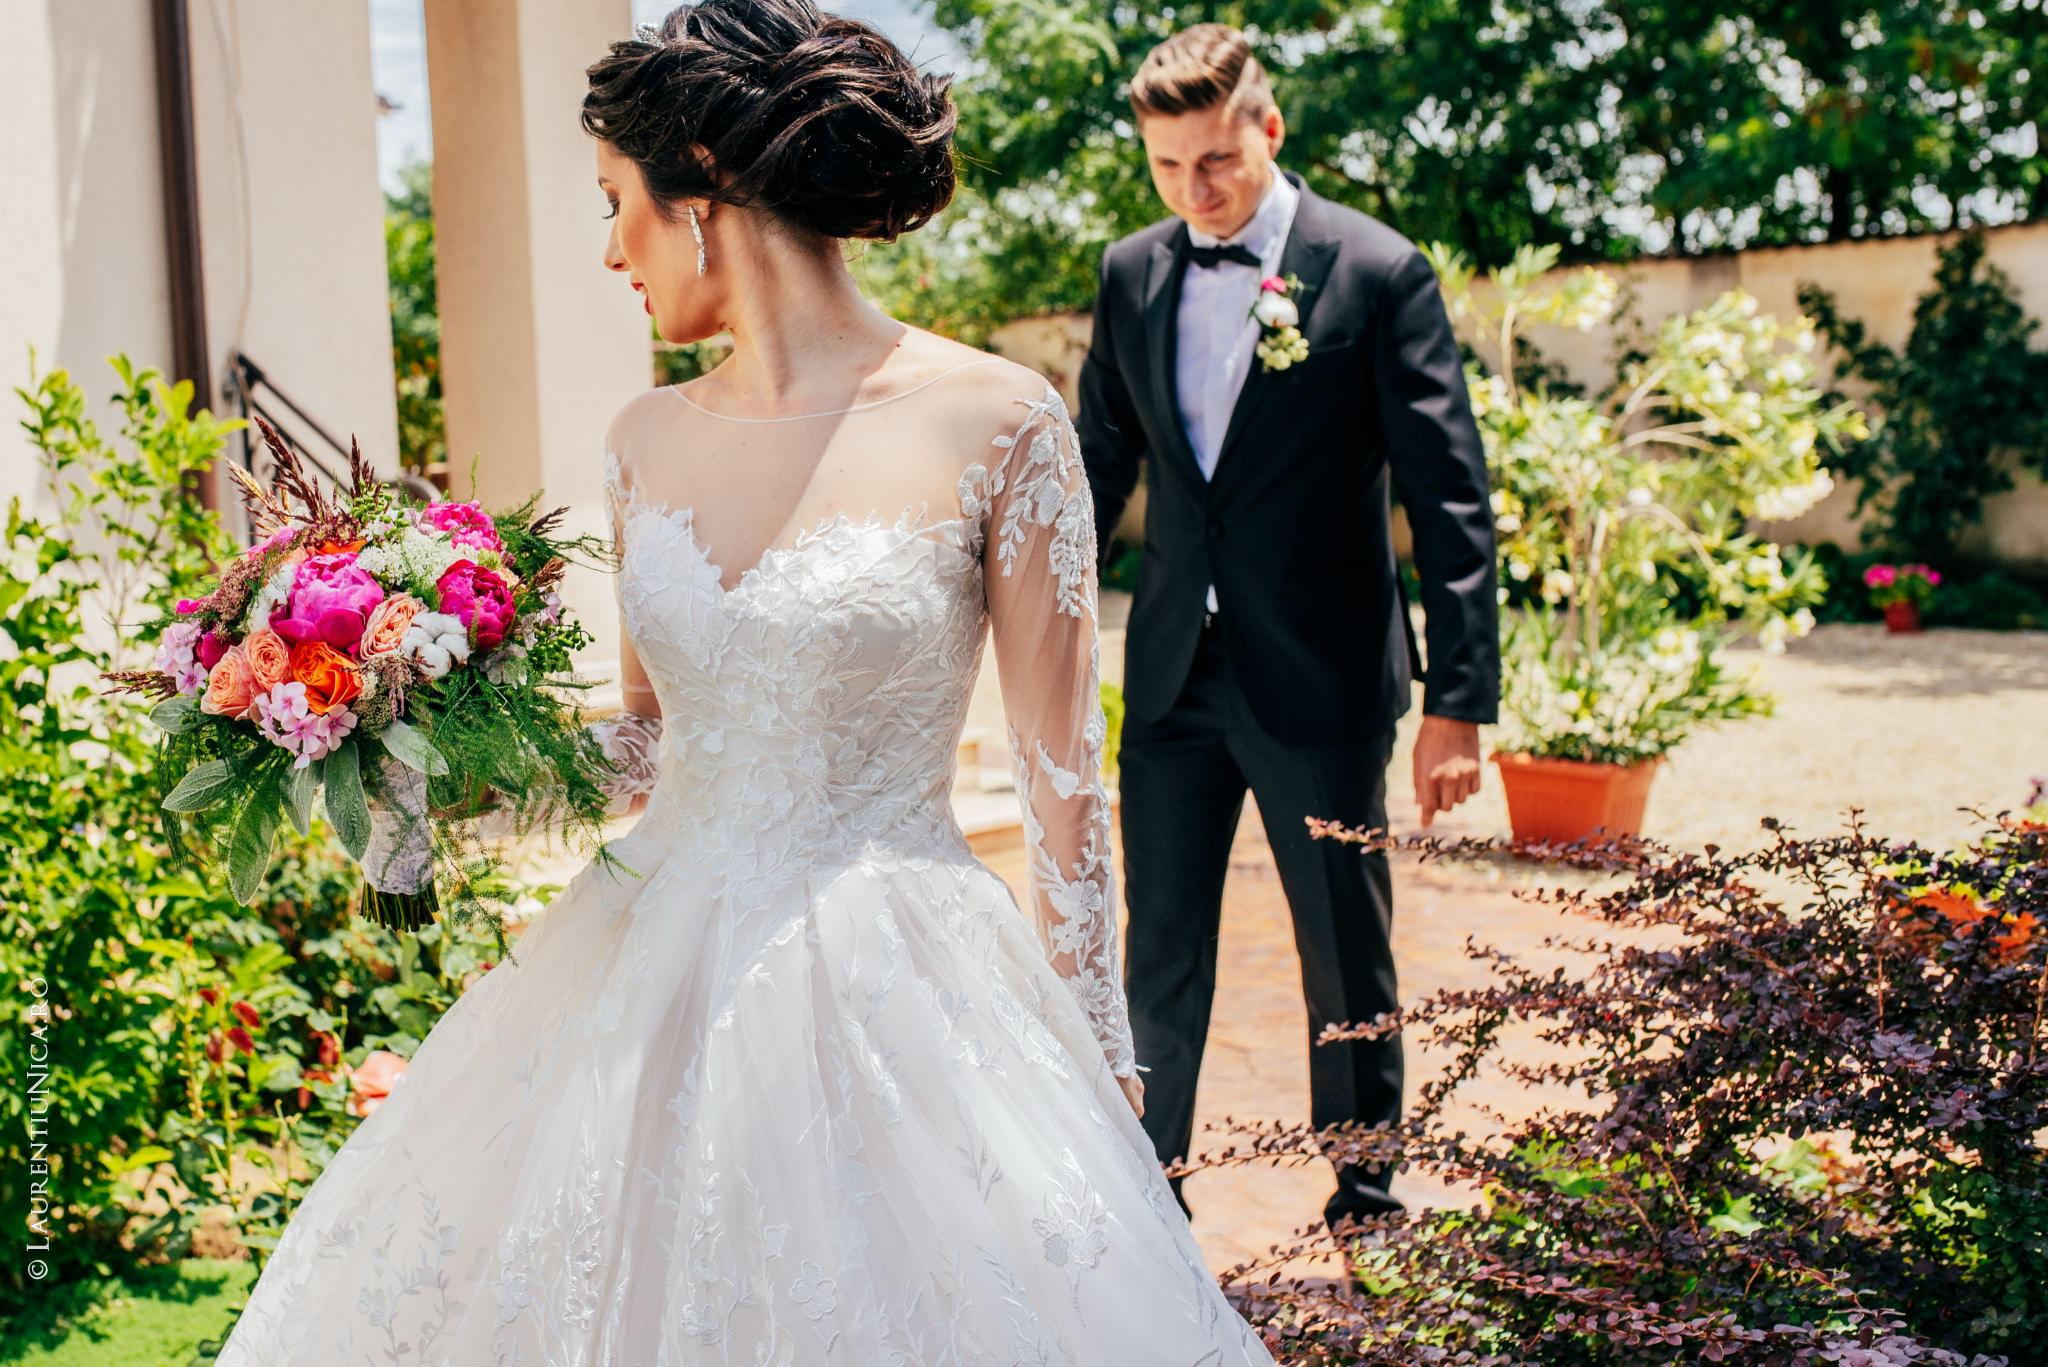 fotografii nunta denisa si florin craiova 49 - Denisa & Florin | Fotografii nunta | Craiova